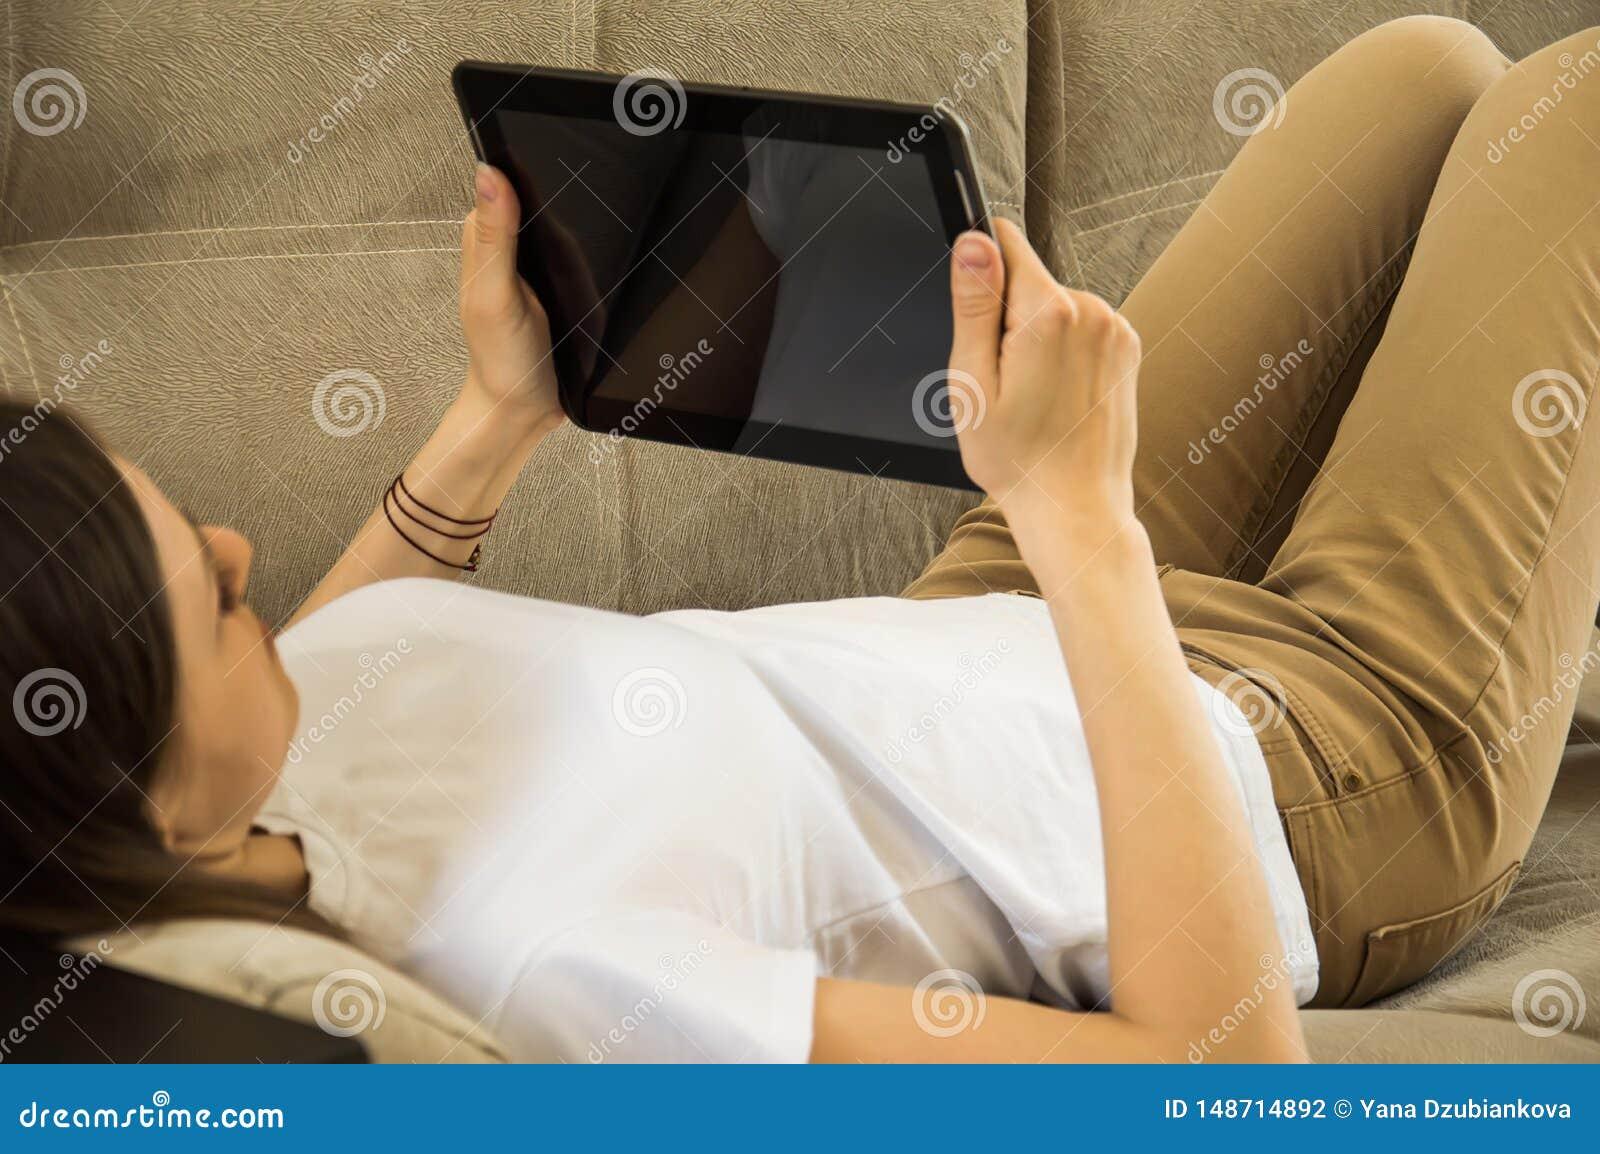 Το κορίτσι βρίσκεται στον καναπέ και διαβάζει τις ειδήσεις και τα μηνύματα στην ταμπλέτα